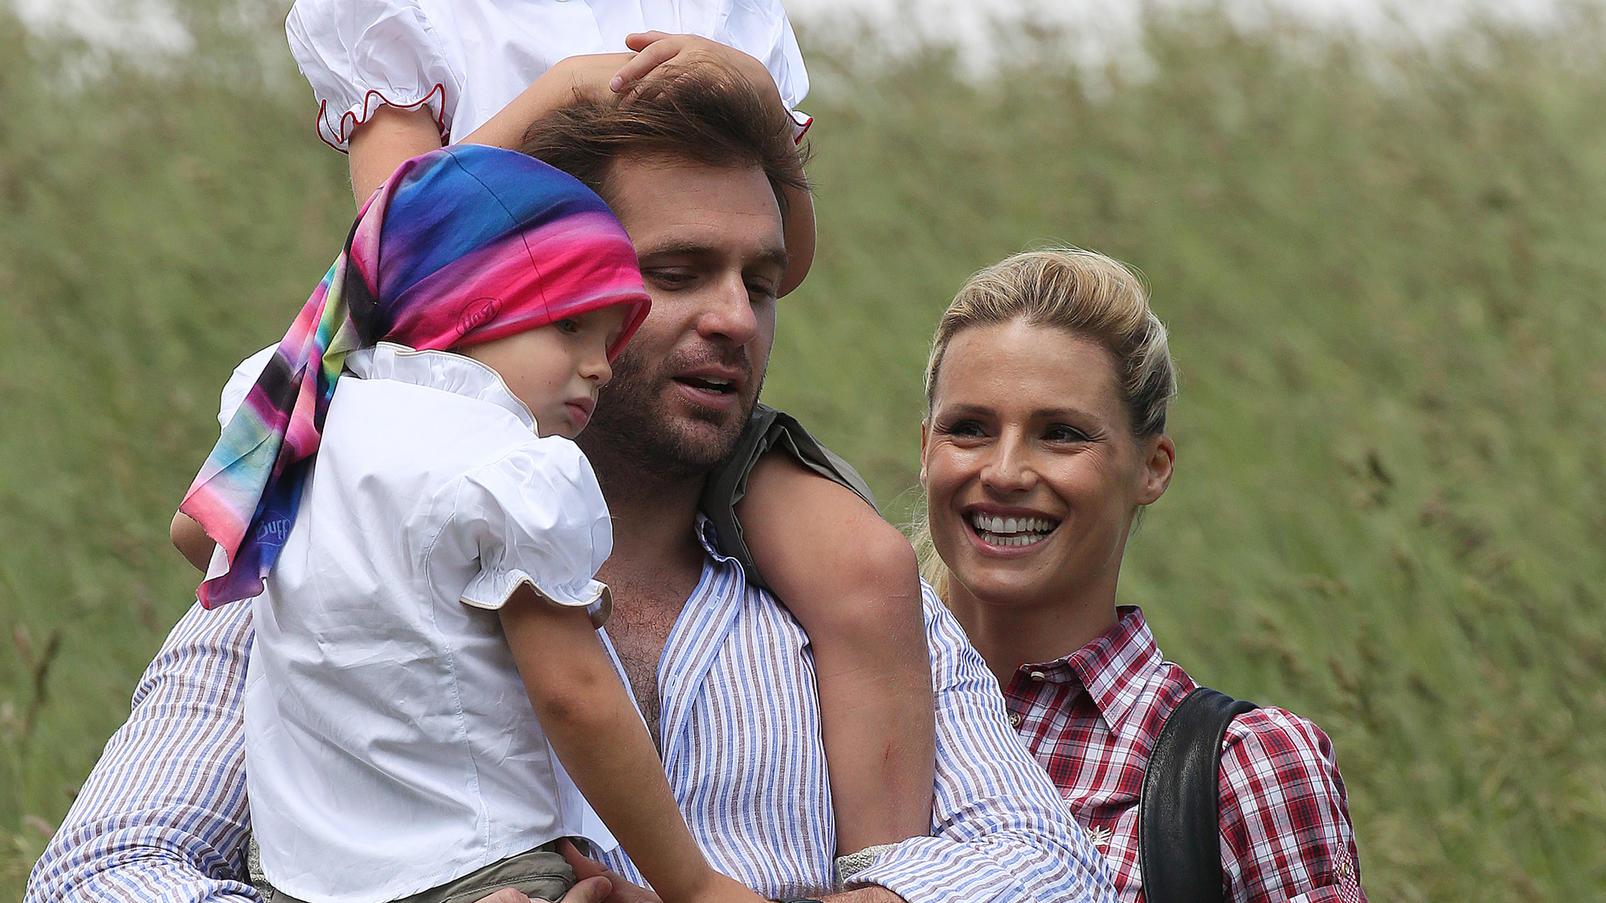 Michelle Hunziker ist mit ihrem Mann Tomaso Trussardi und ihren Töchtern in den Bergen von San Cassiano unterwegs.